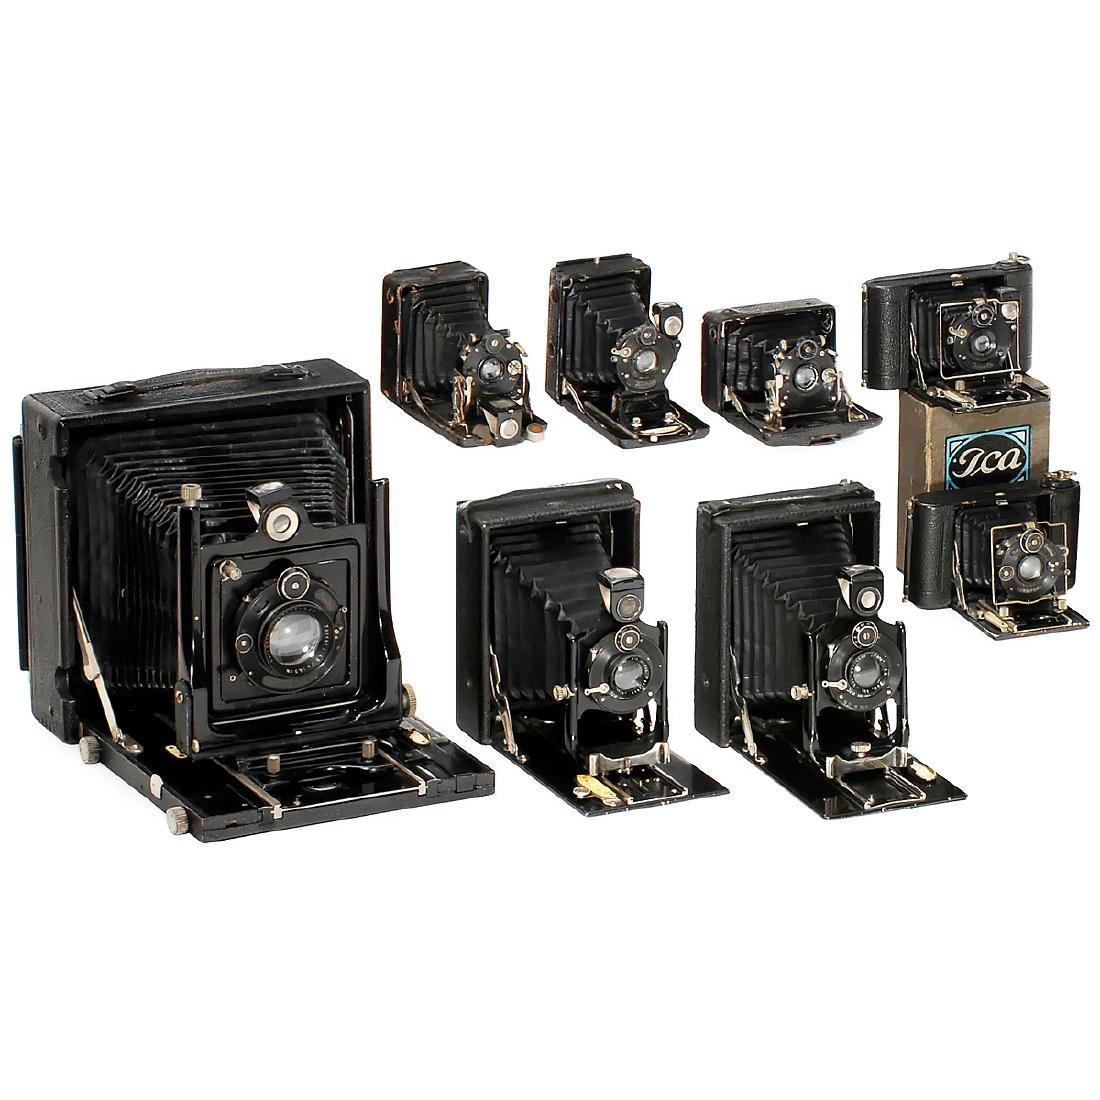 8 Ica Cameras